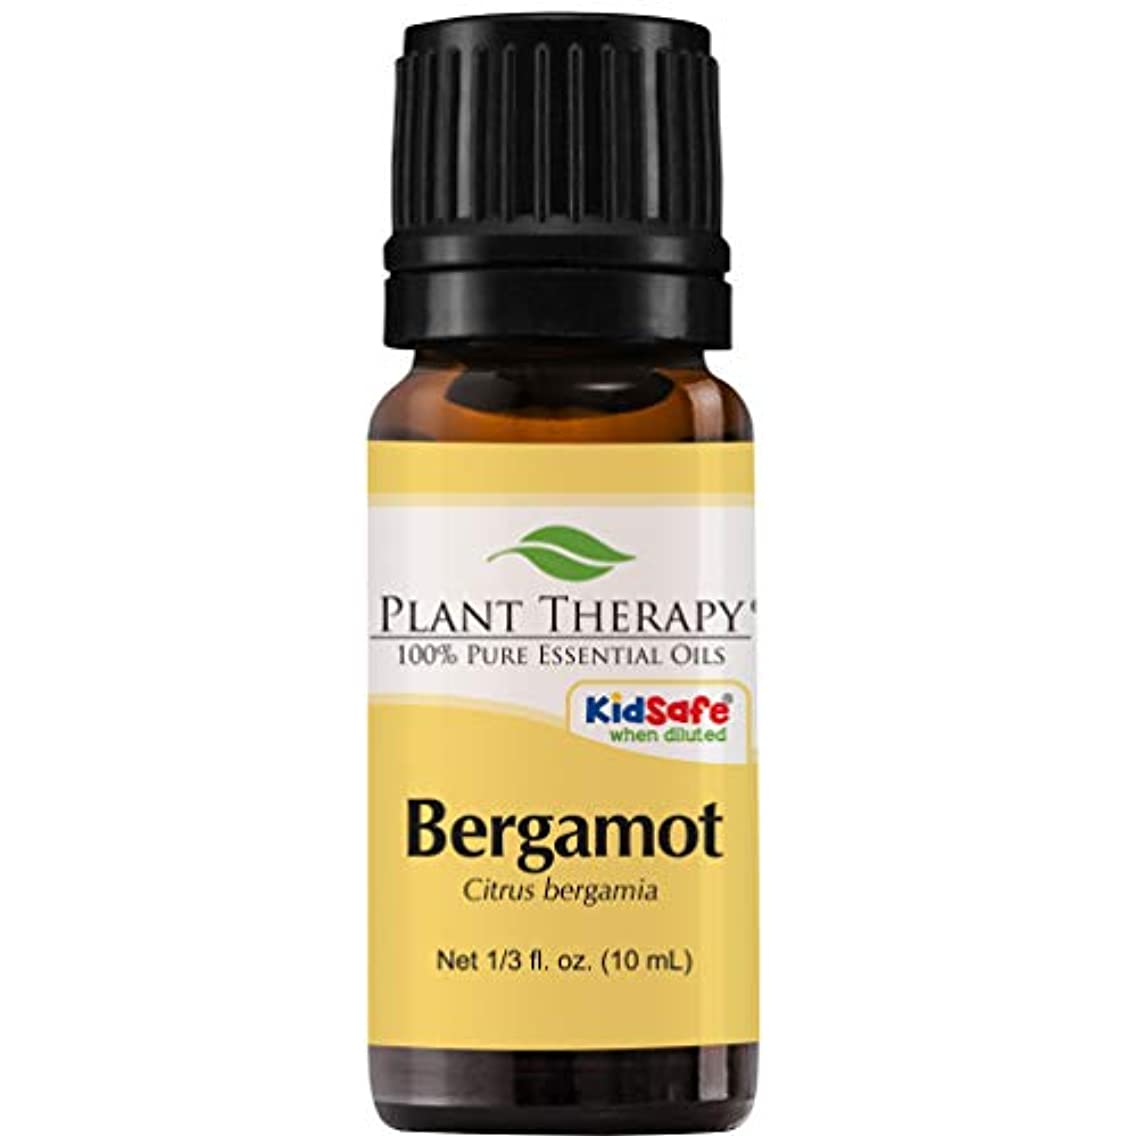 連隊オーディションことわざPlant Therapy Essential Oils (プラントセラピー エッセンシャルオイル) ベルガモット エッセンシャルオイル